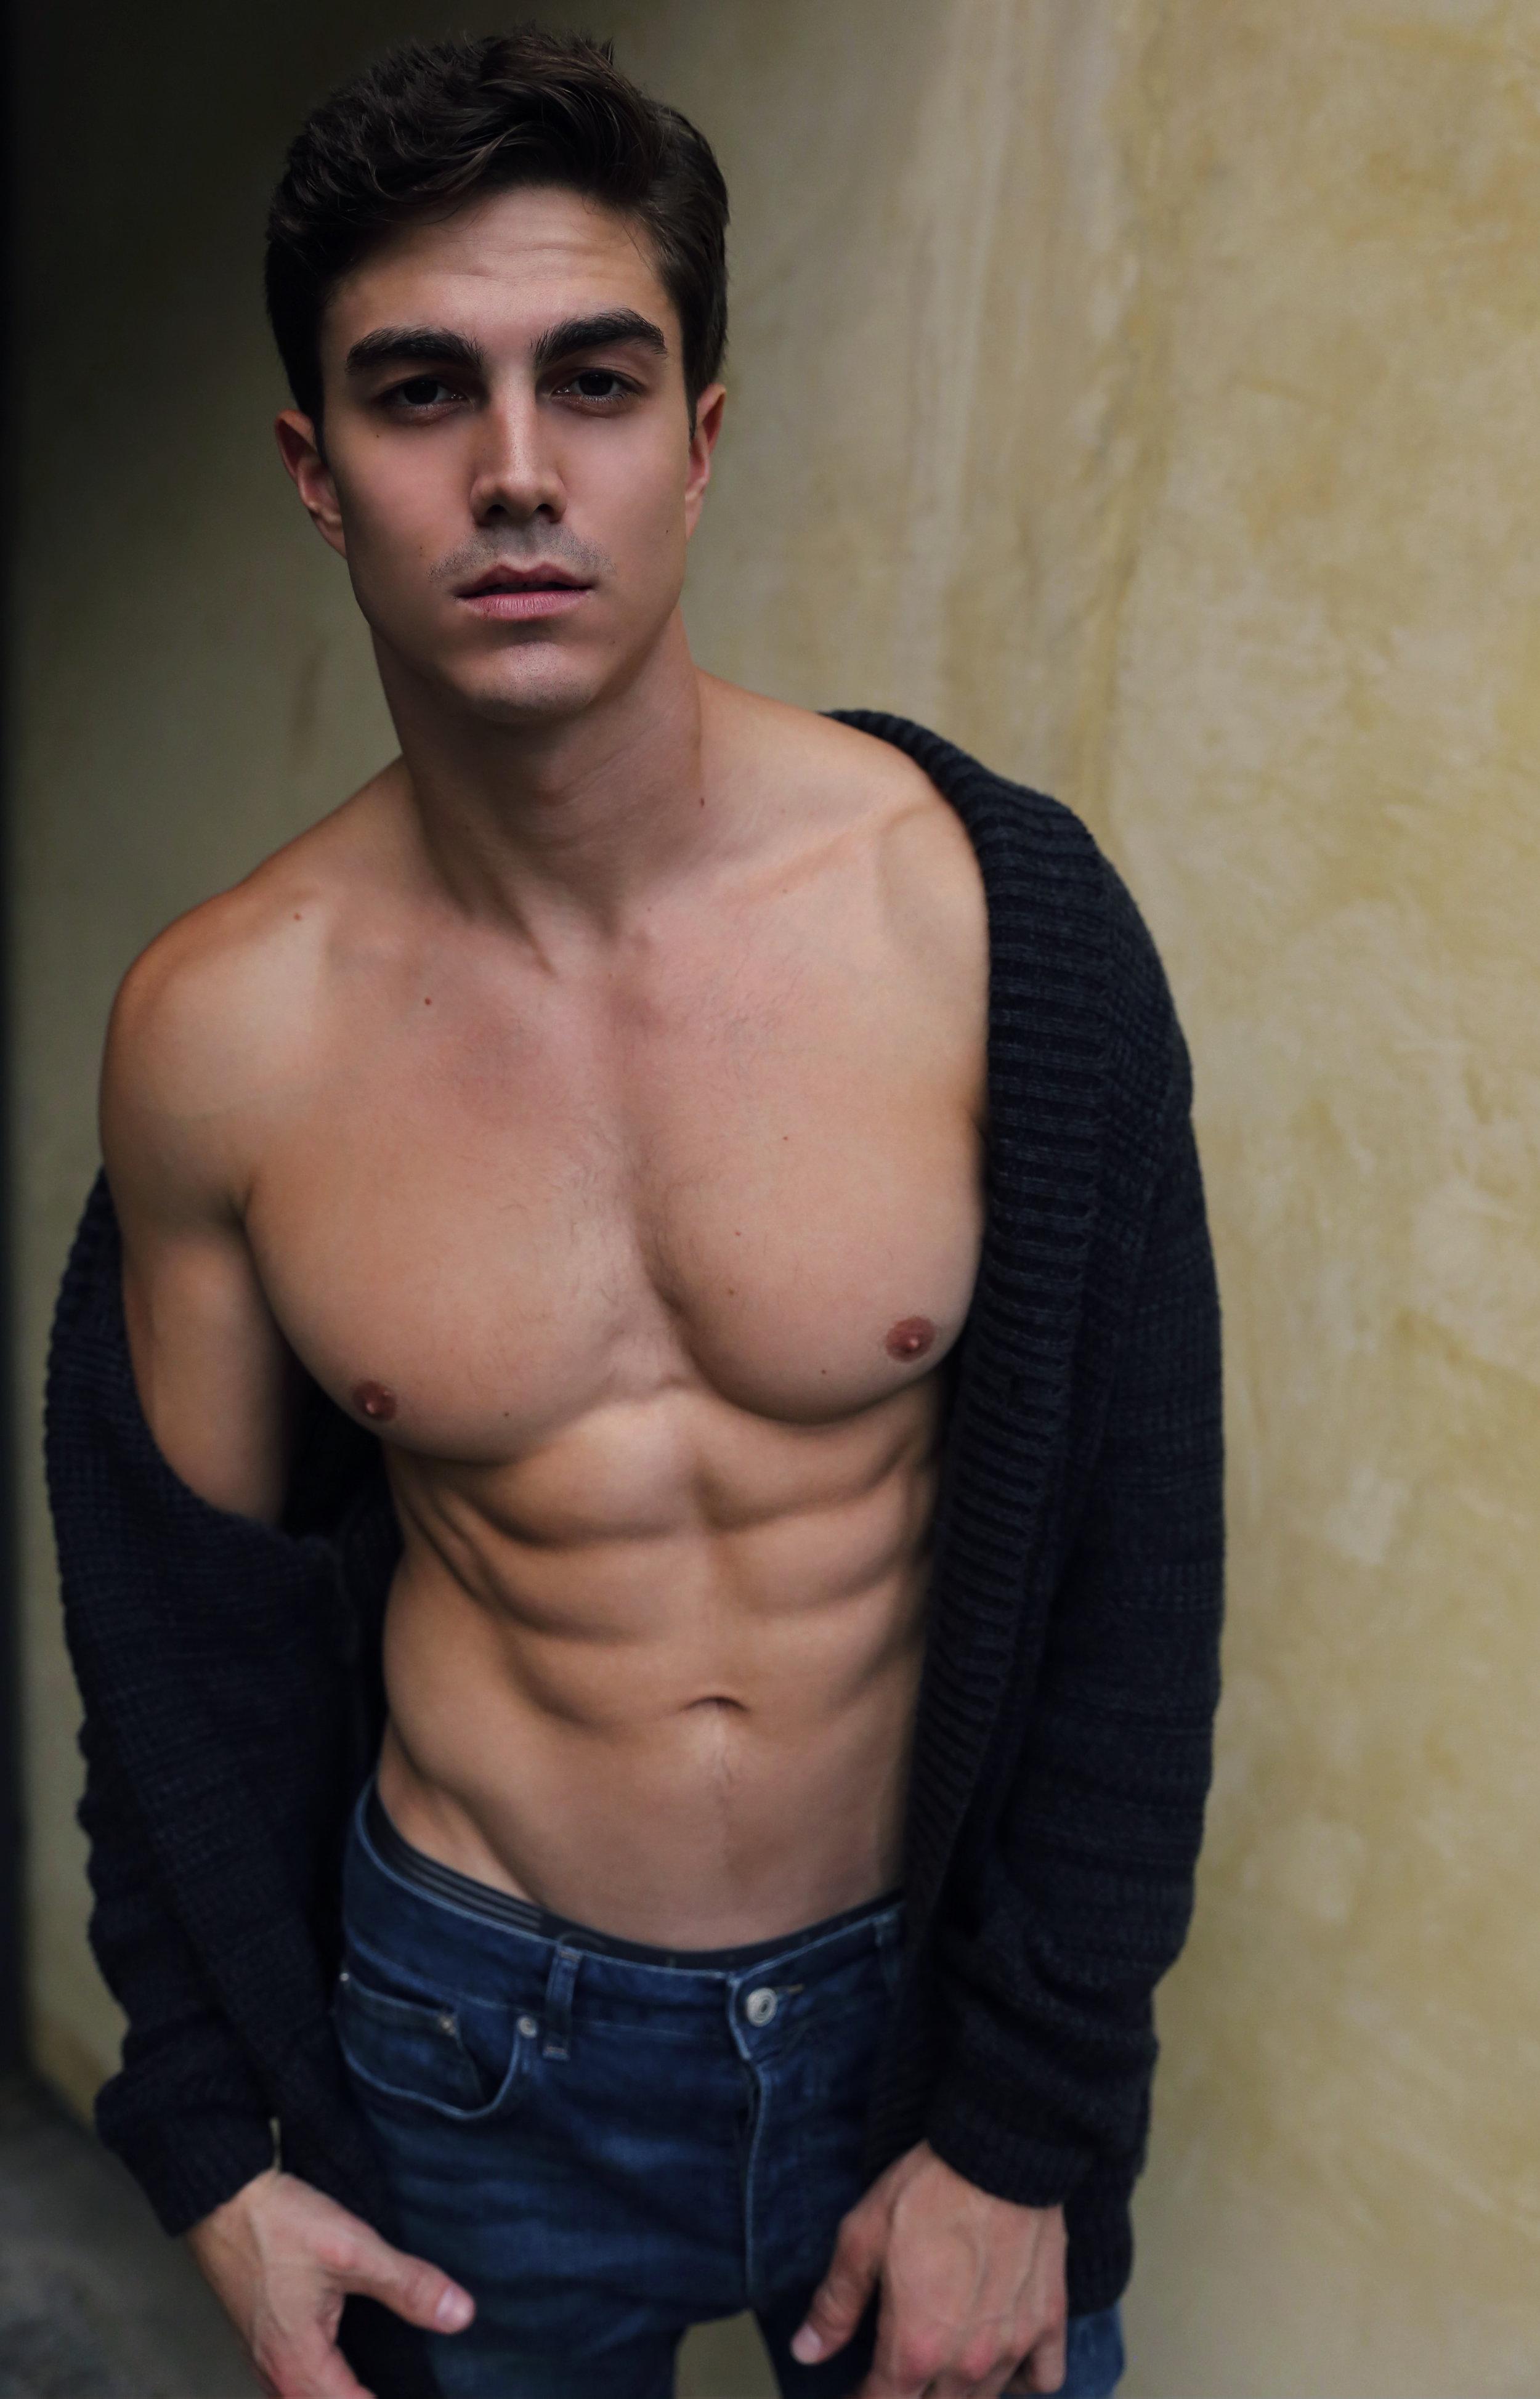 Kyle Kriesel